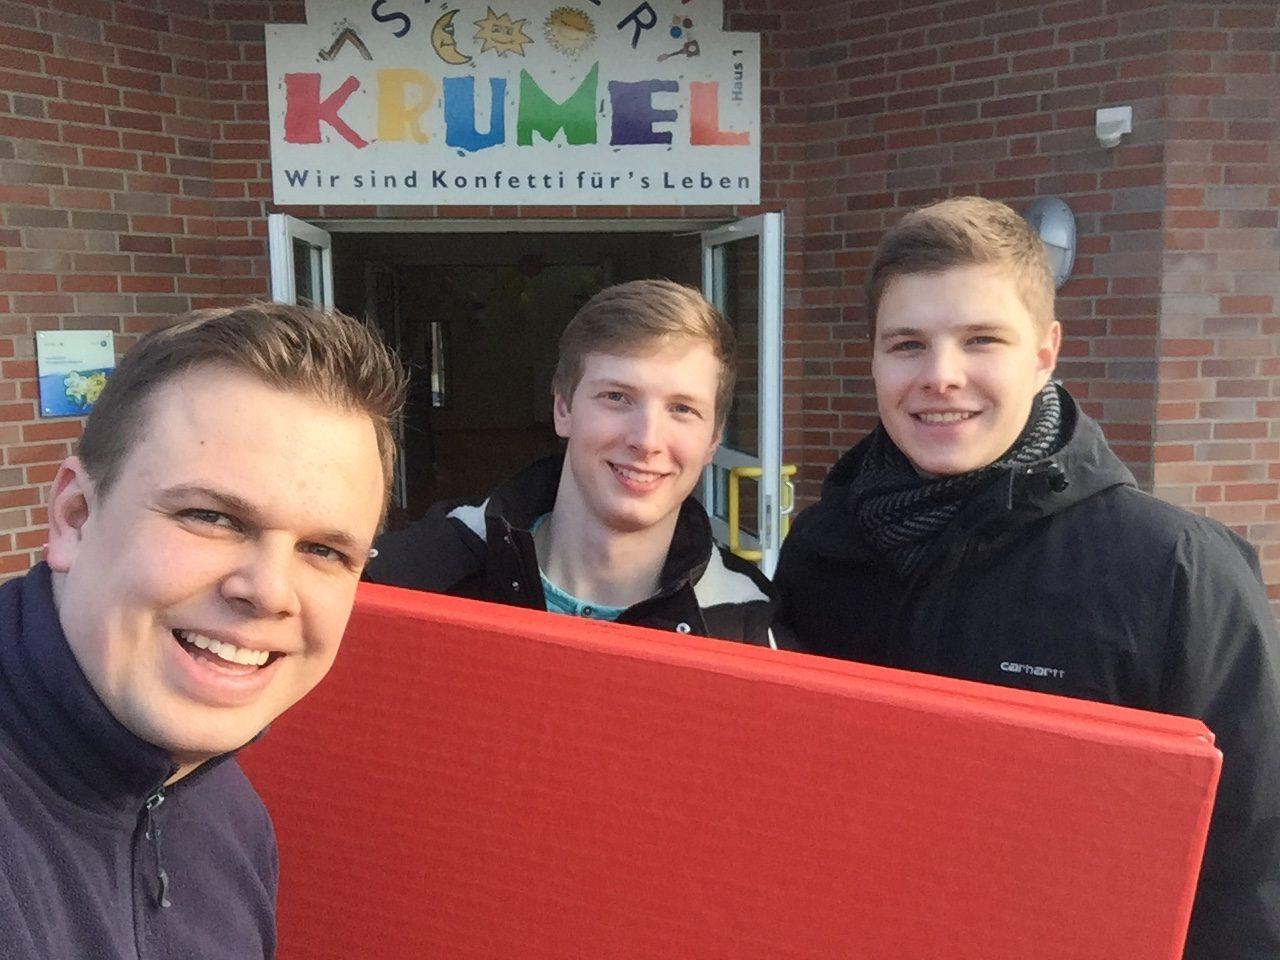 u6 im Sälzer Krümel